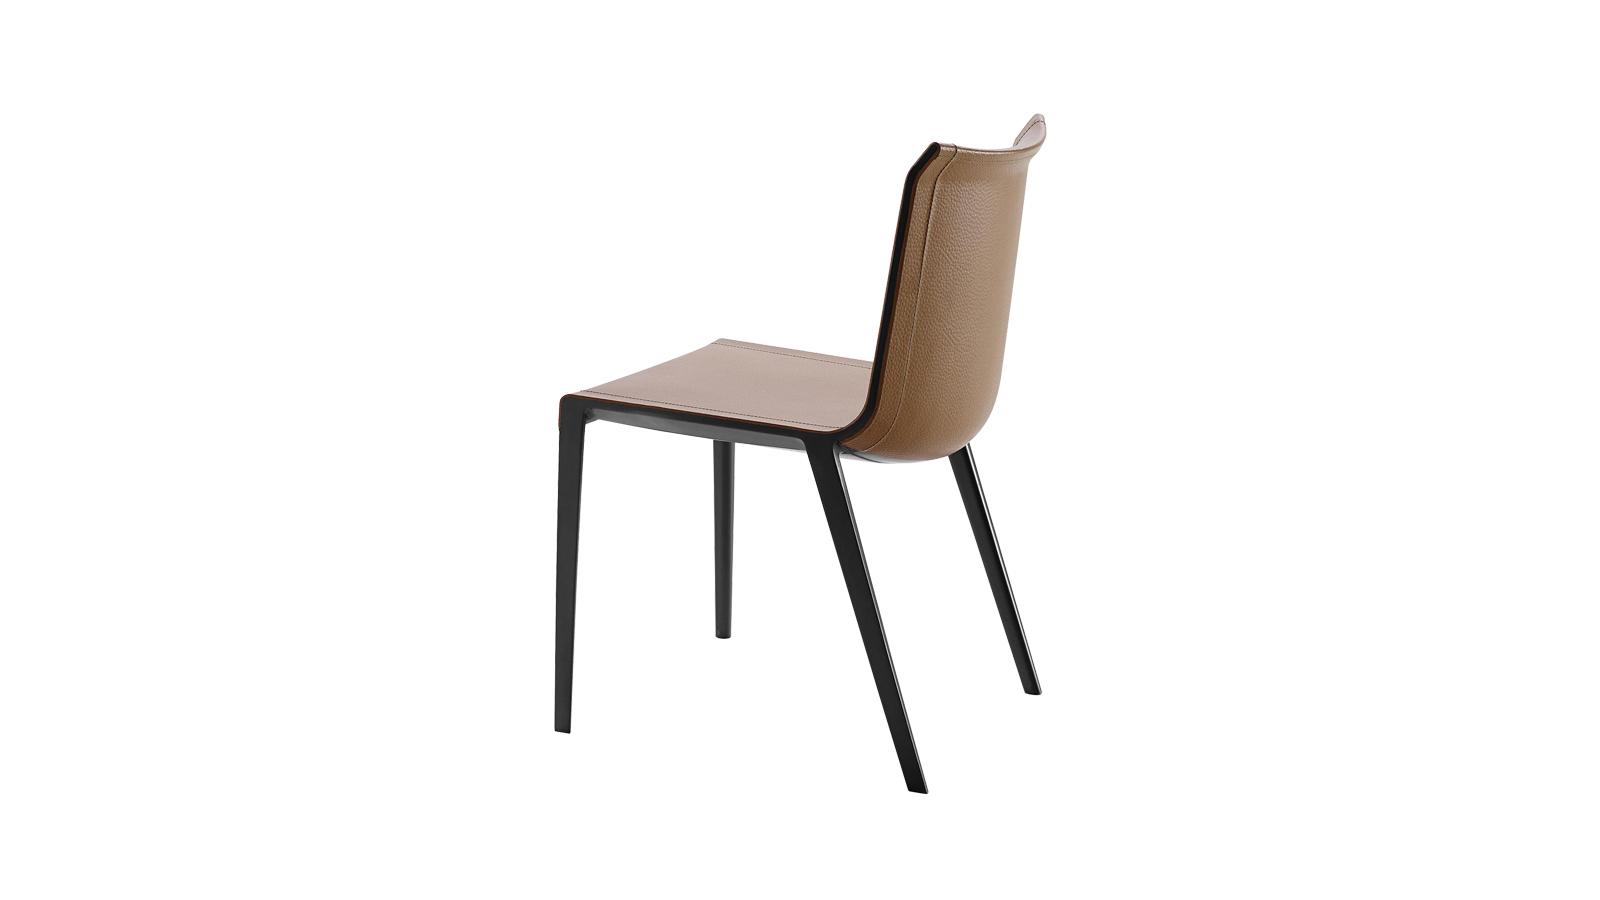 A Charlotte szék a könnyedség előtt tiszteleg. Bár a minőségi bőrborítás szinte észrevétlenül simul bele a bútor testébe, tökéletesen kivehető a mesteri, időtálló krómszerkezet. Ám nemcsak gyönyörű, hanem praktikus alkotásról is van szó: könnyen takarítható, valamint remekül ellensúlyozza a zömökebb asztalokat, de a hozzá hasonló légies asztalok kiváló partnere is lehet.